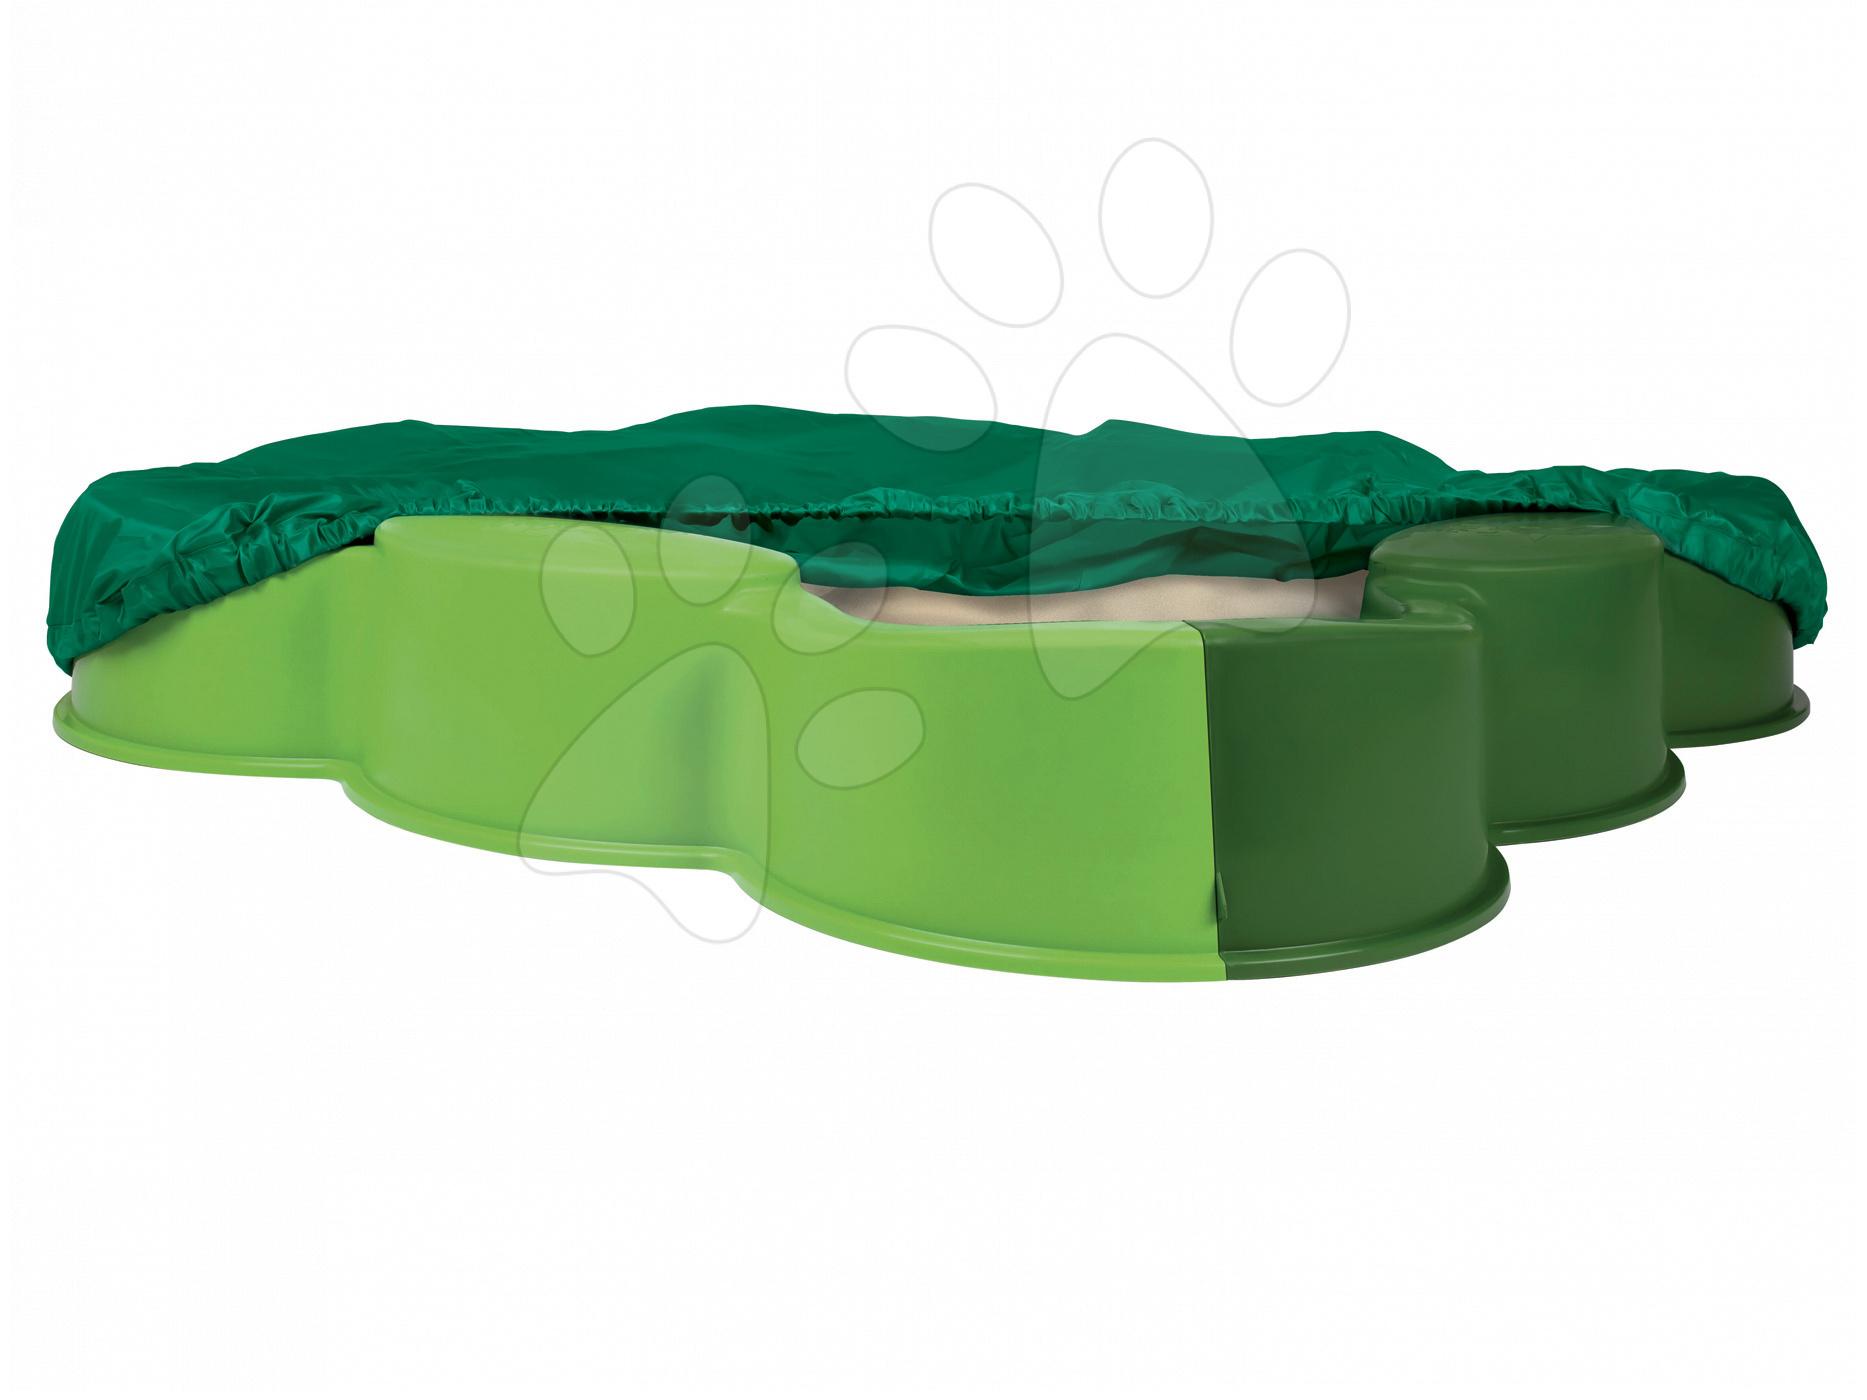 Pieskoviská pre deti - Pieskovisko Vario BIG štvorlístok s plachtou 112*112 cm zelené od 12 mes